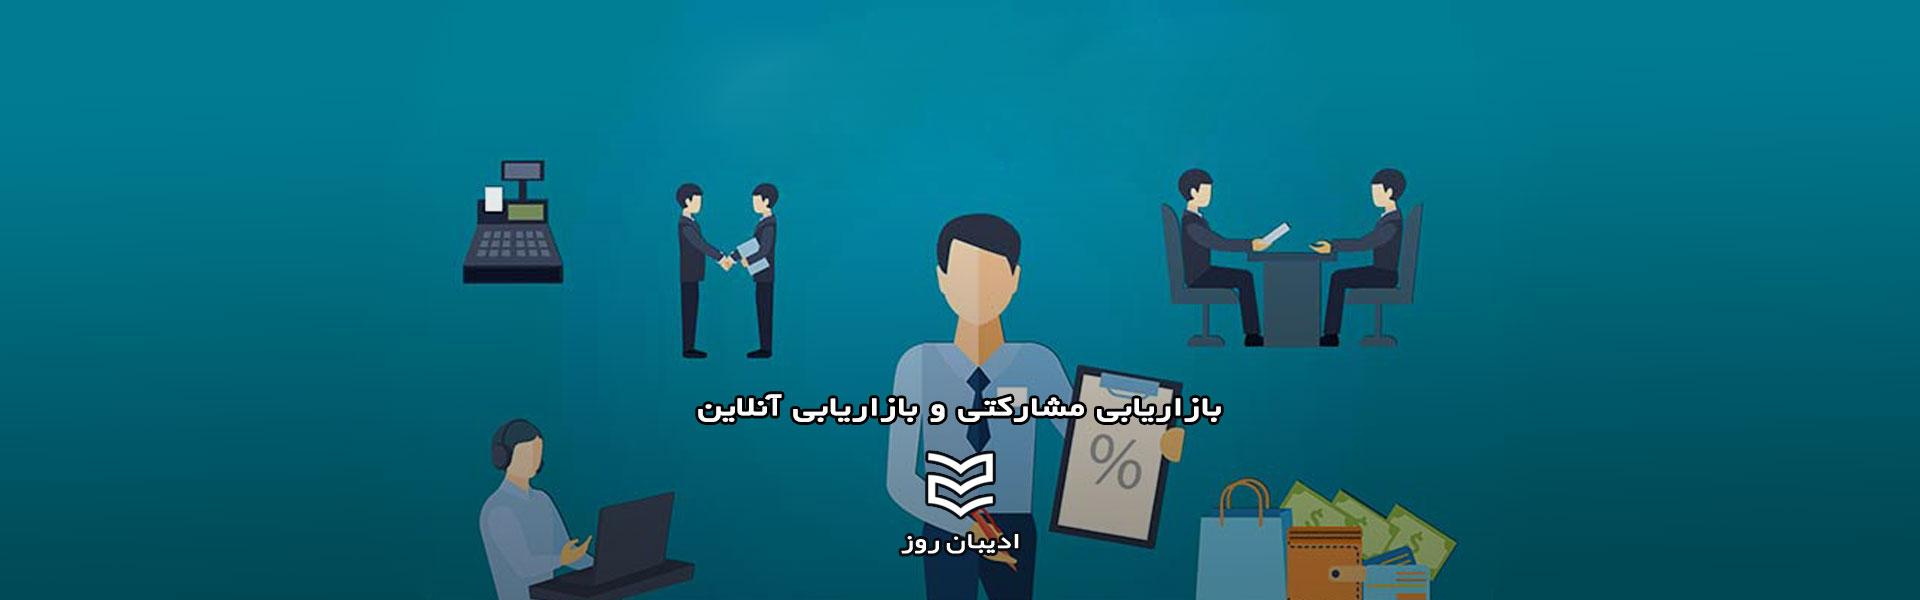 بازاریابی مشارکتی و بازاریابی آنلاین